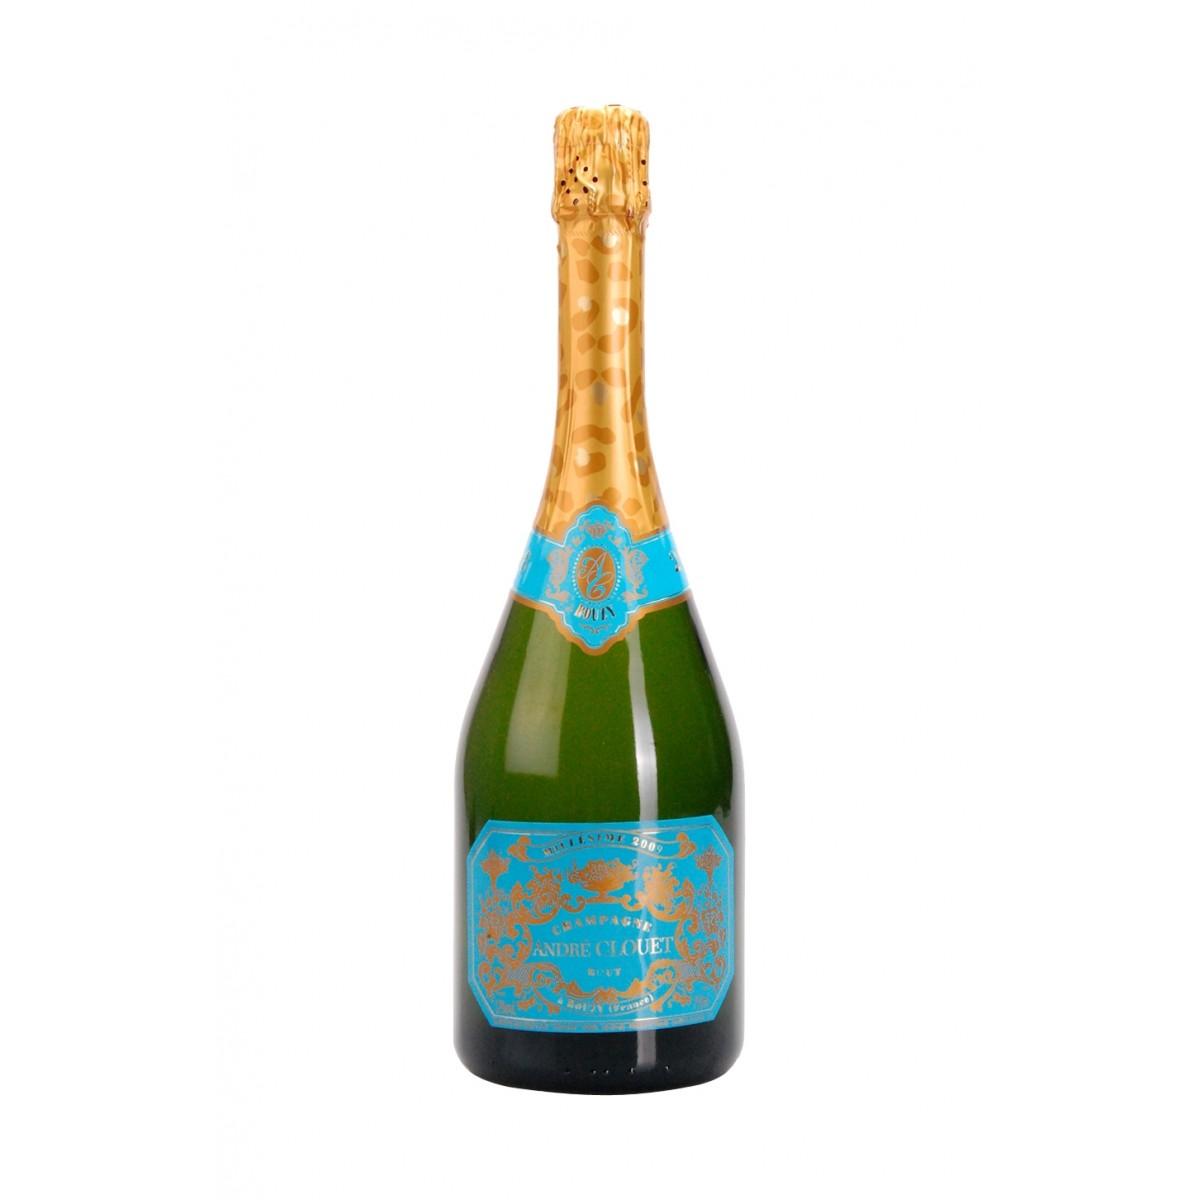 Champagne Grand Cru Brut Millesime 2009 - Andrè Clouet